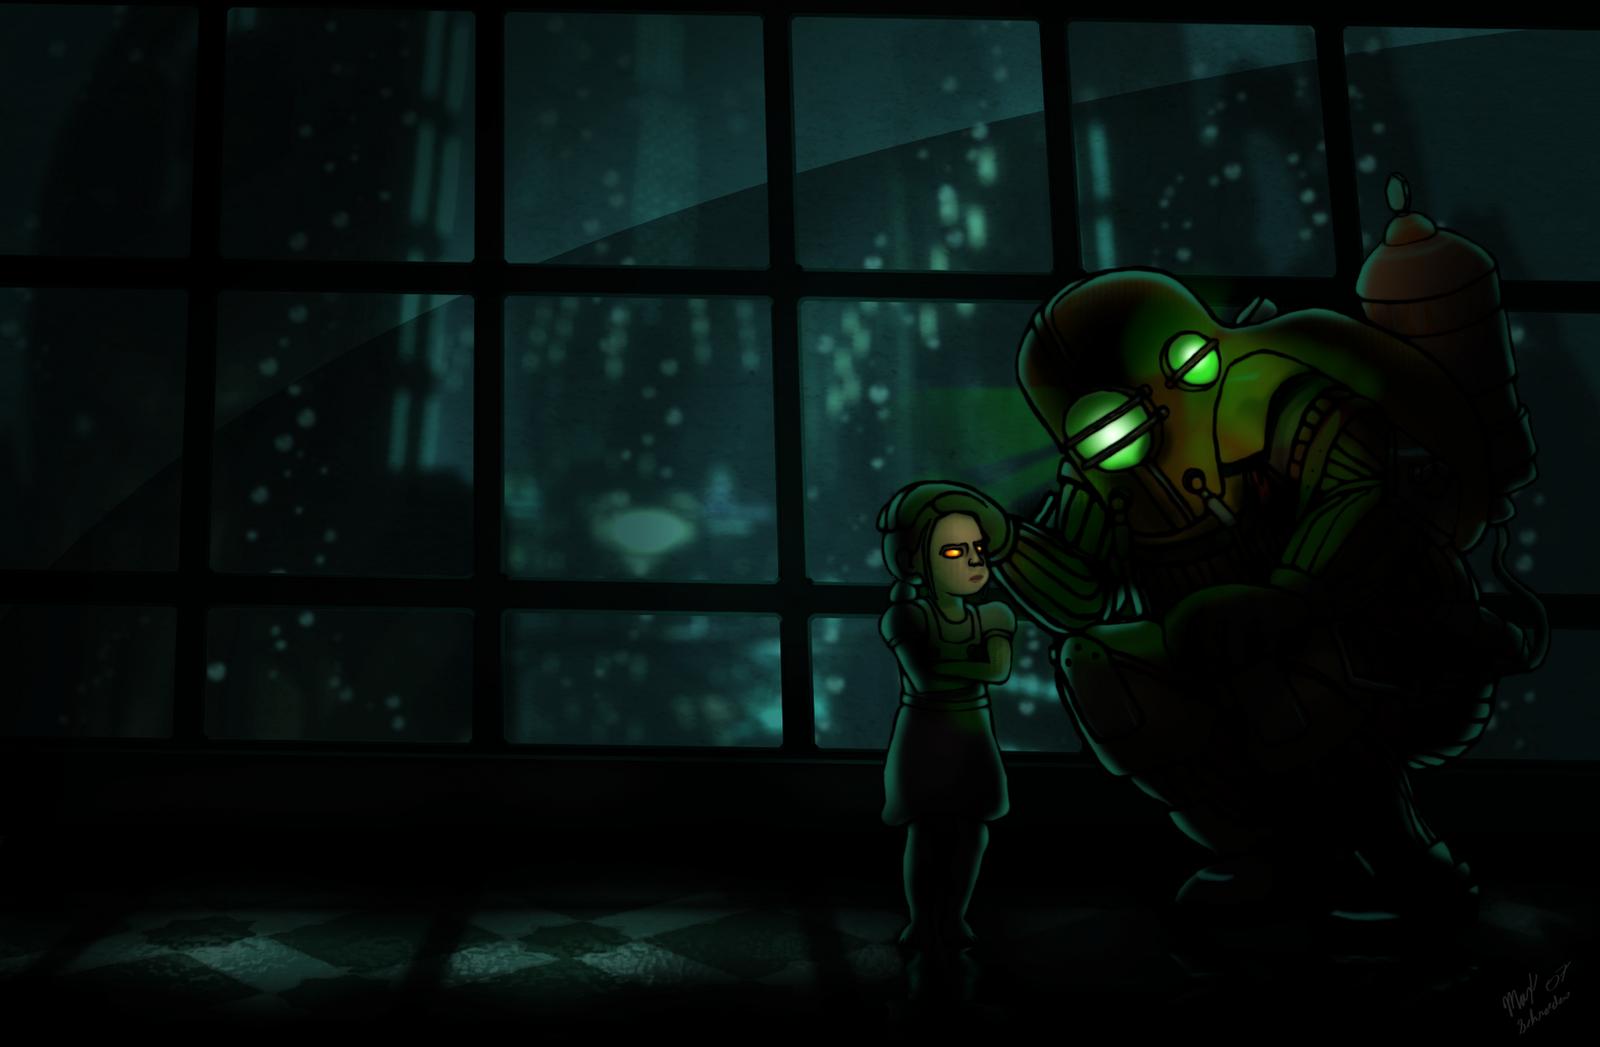 Bioshock Fanart by maxschroeder